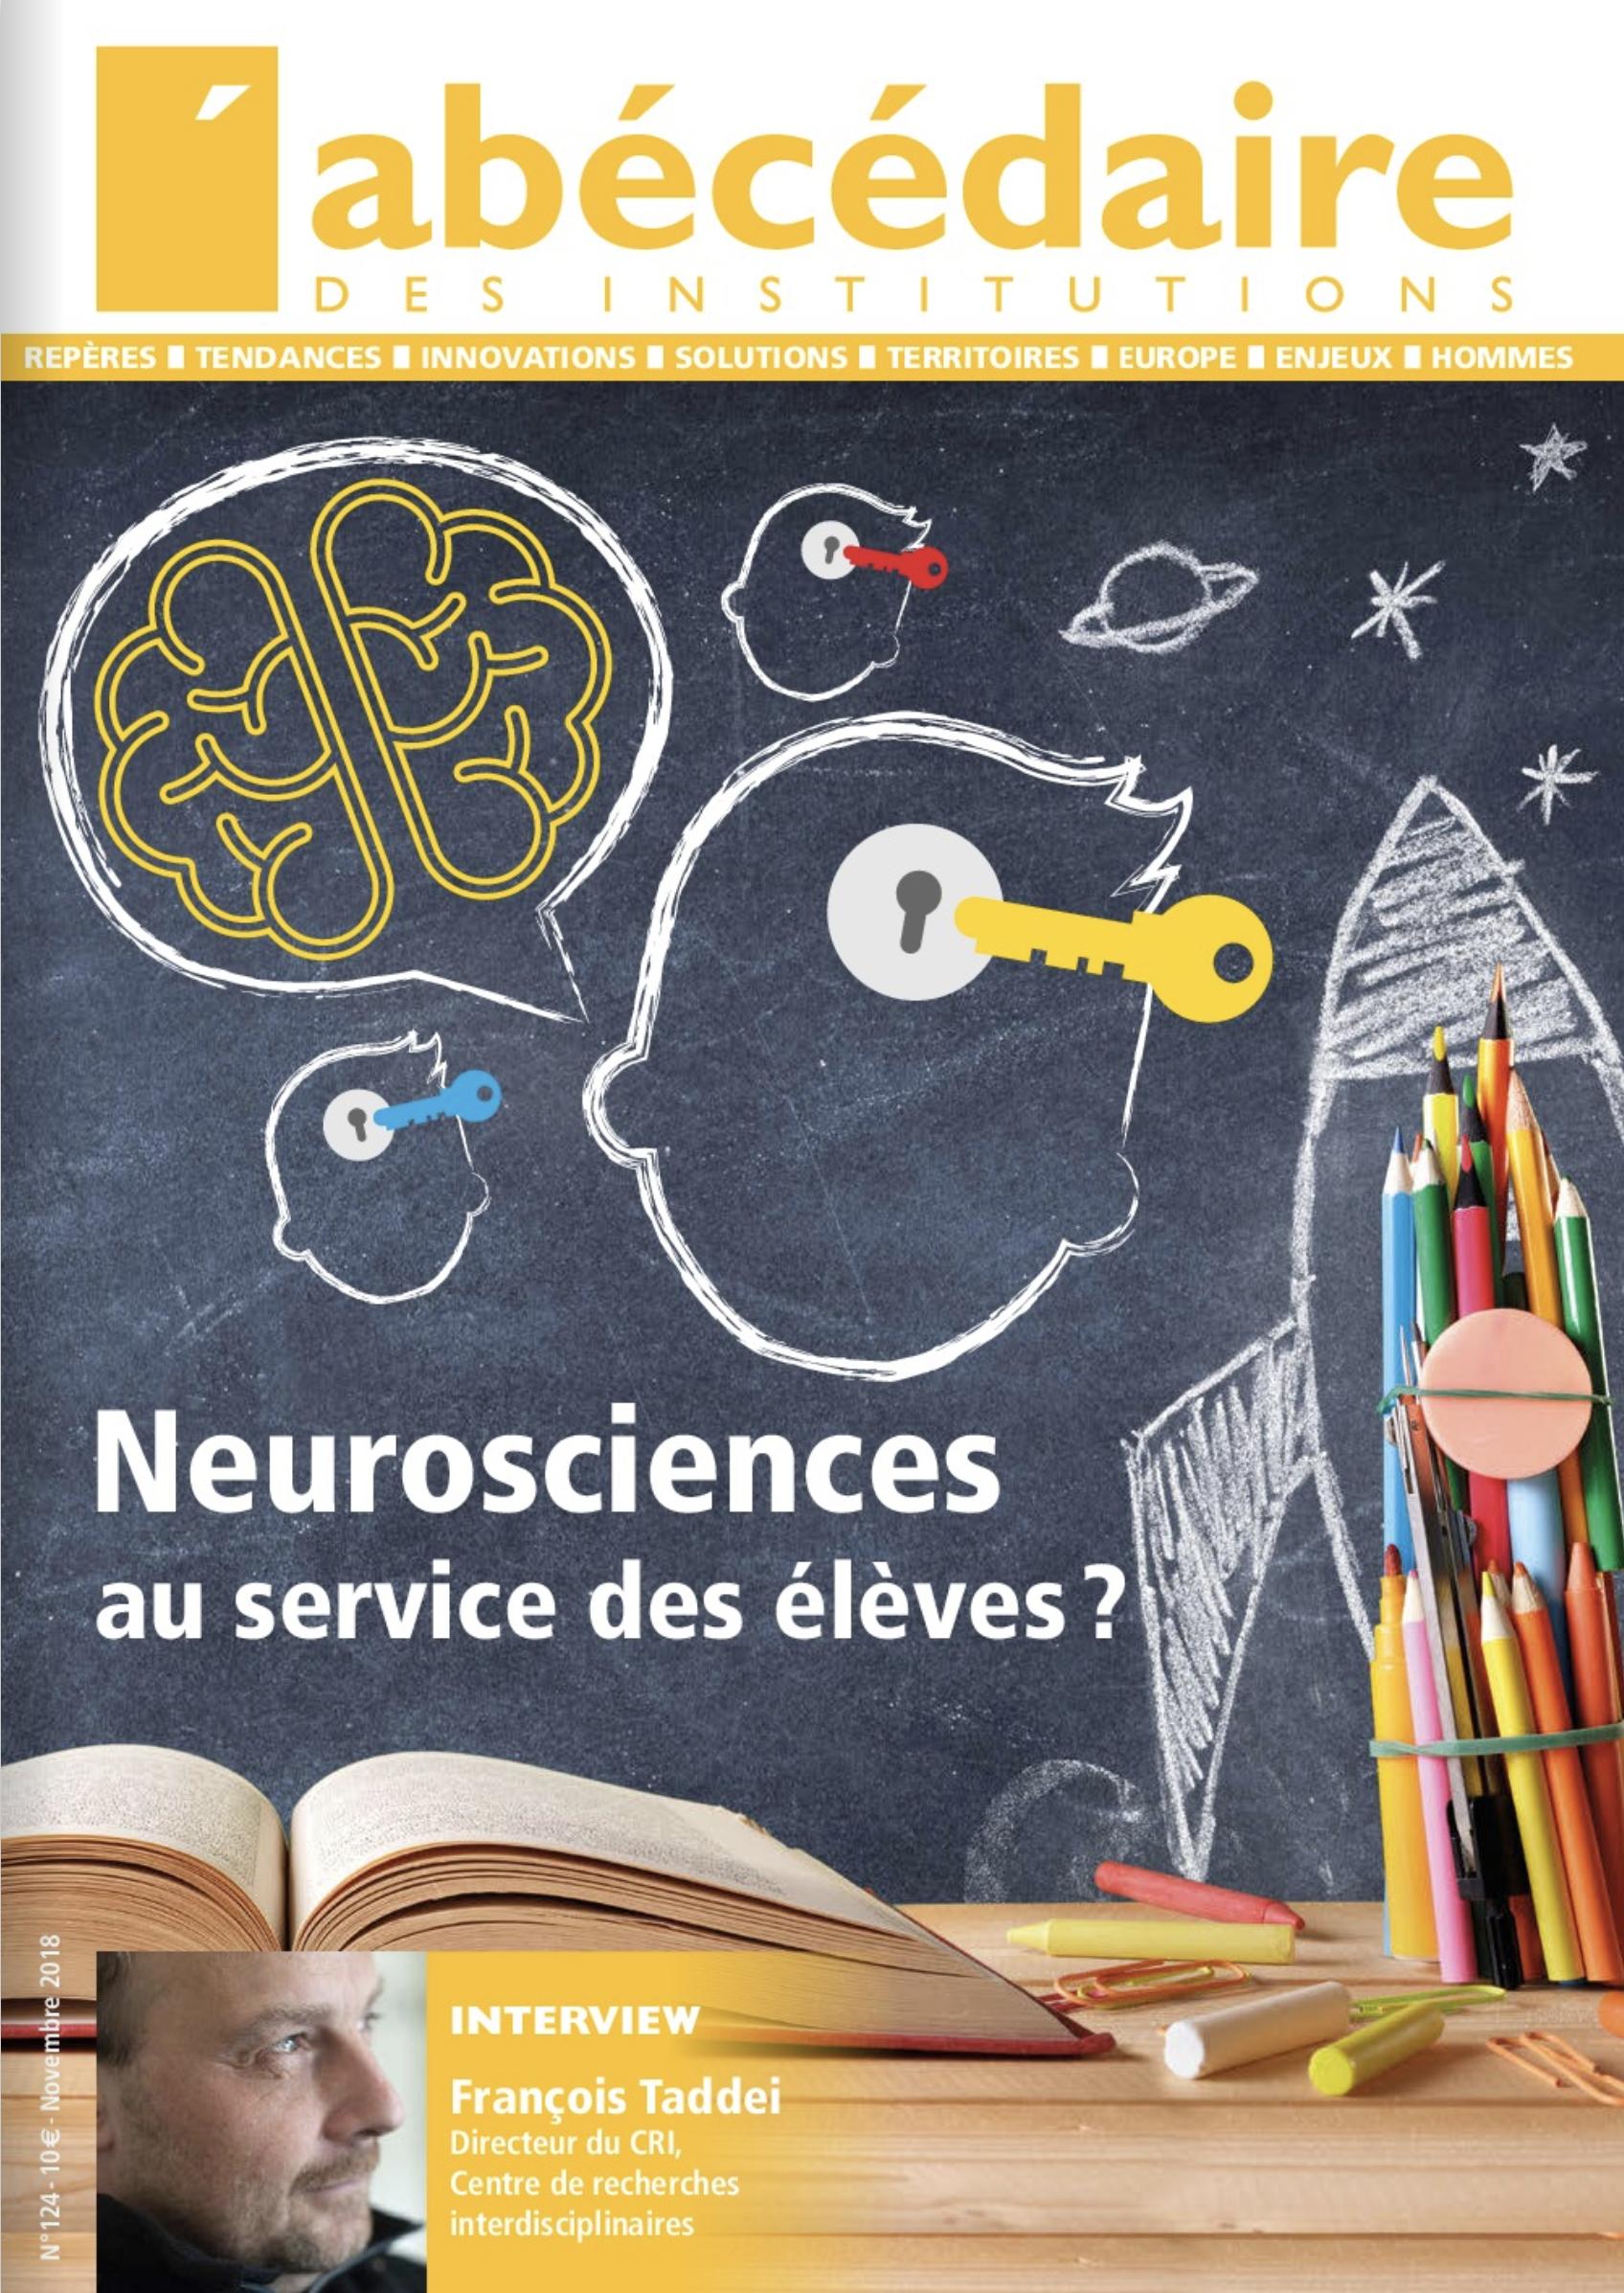 Ecole : que faut-il attendre des neurosciences ?